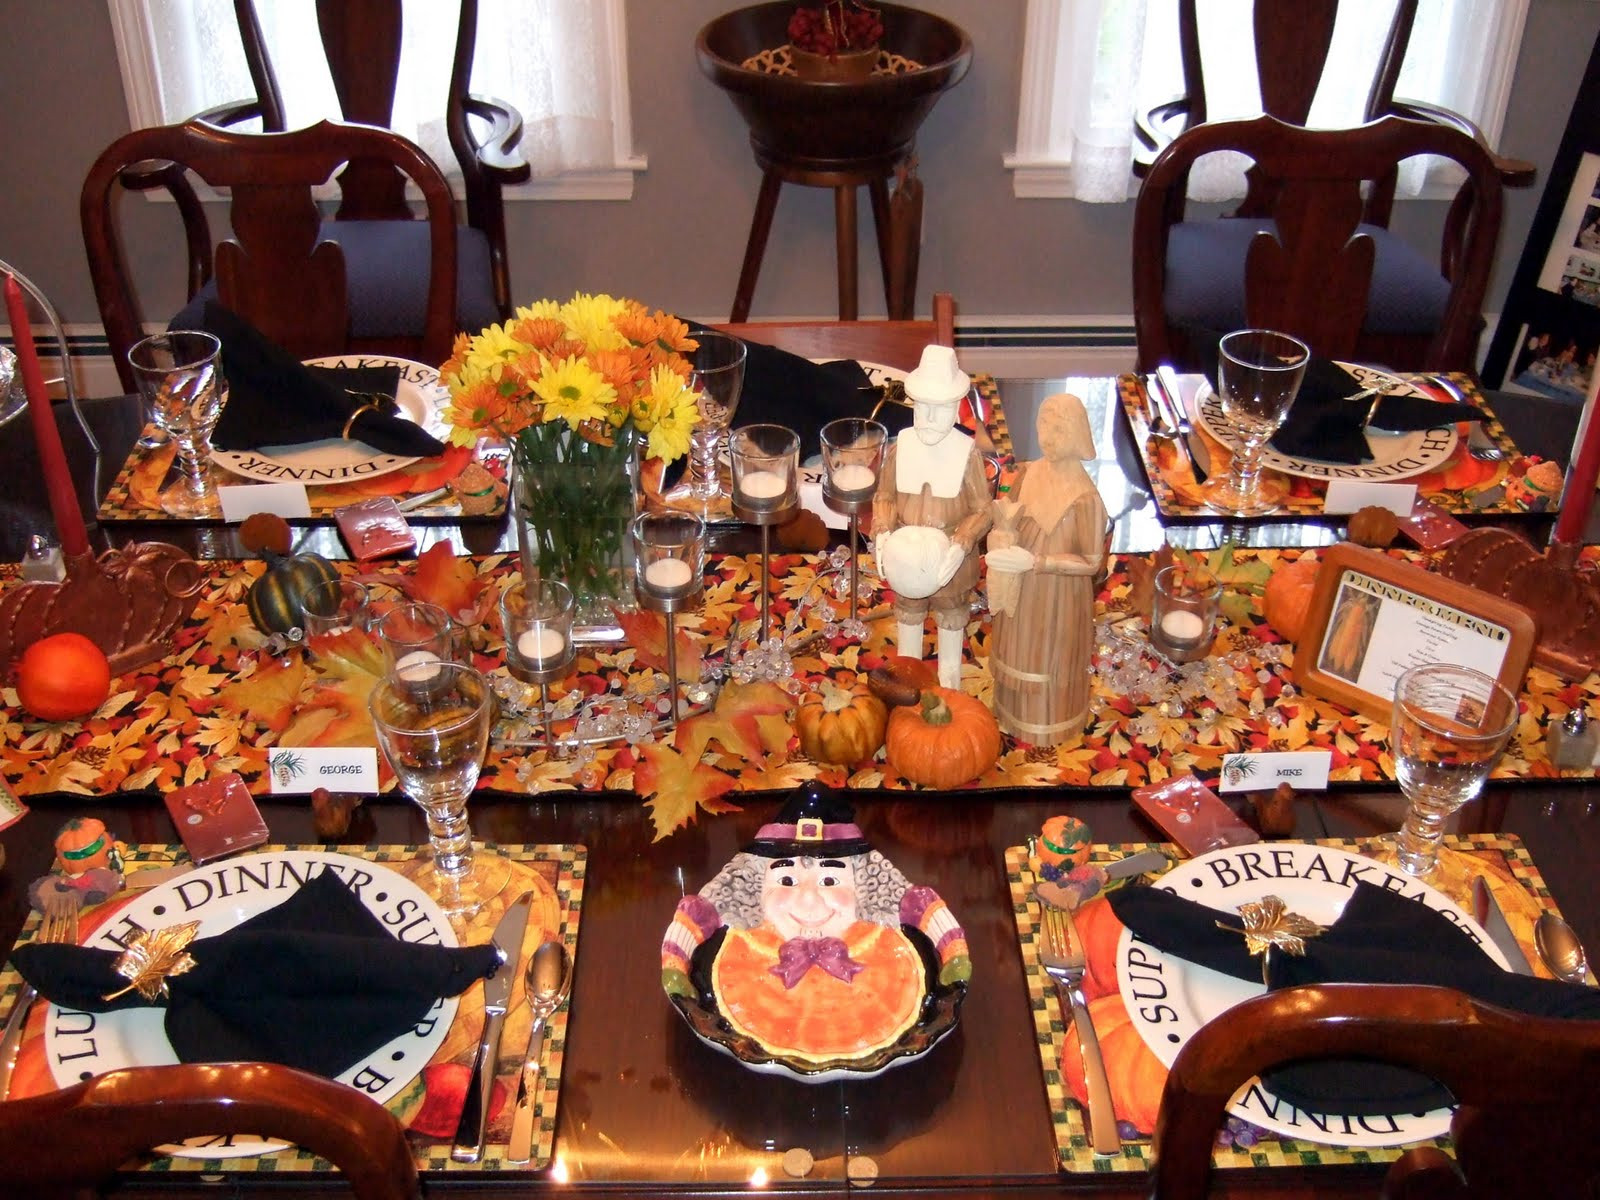 Thanksgiving Dinner Table Settings  a little bit of everything Table Setting Thanksgiving Tables